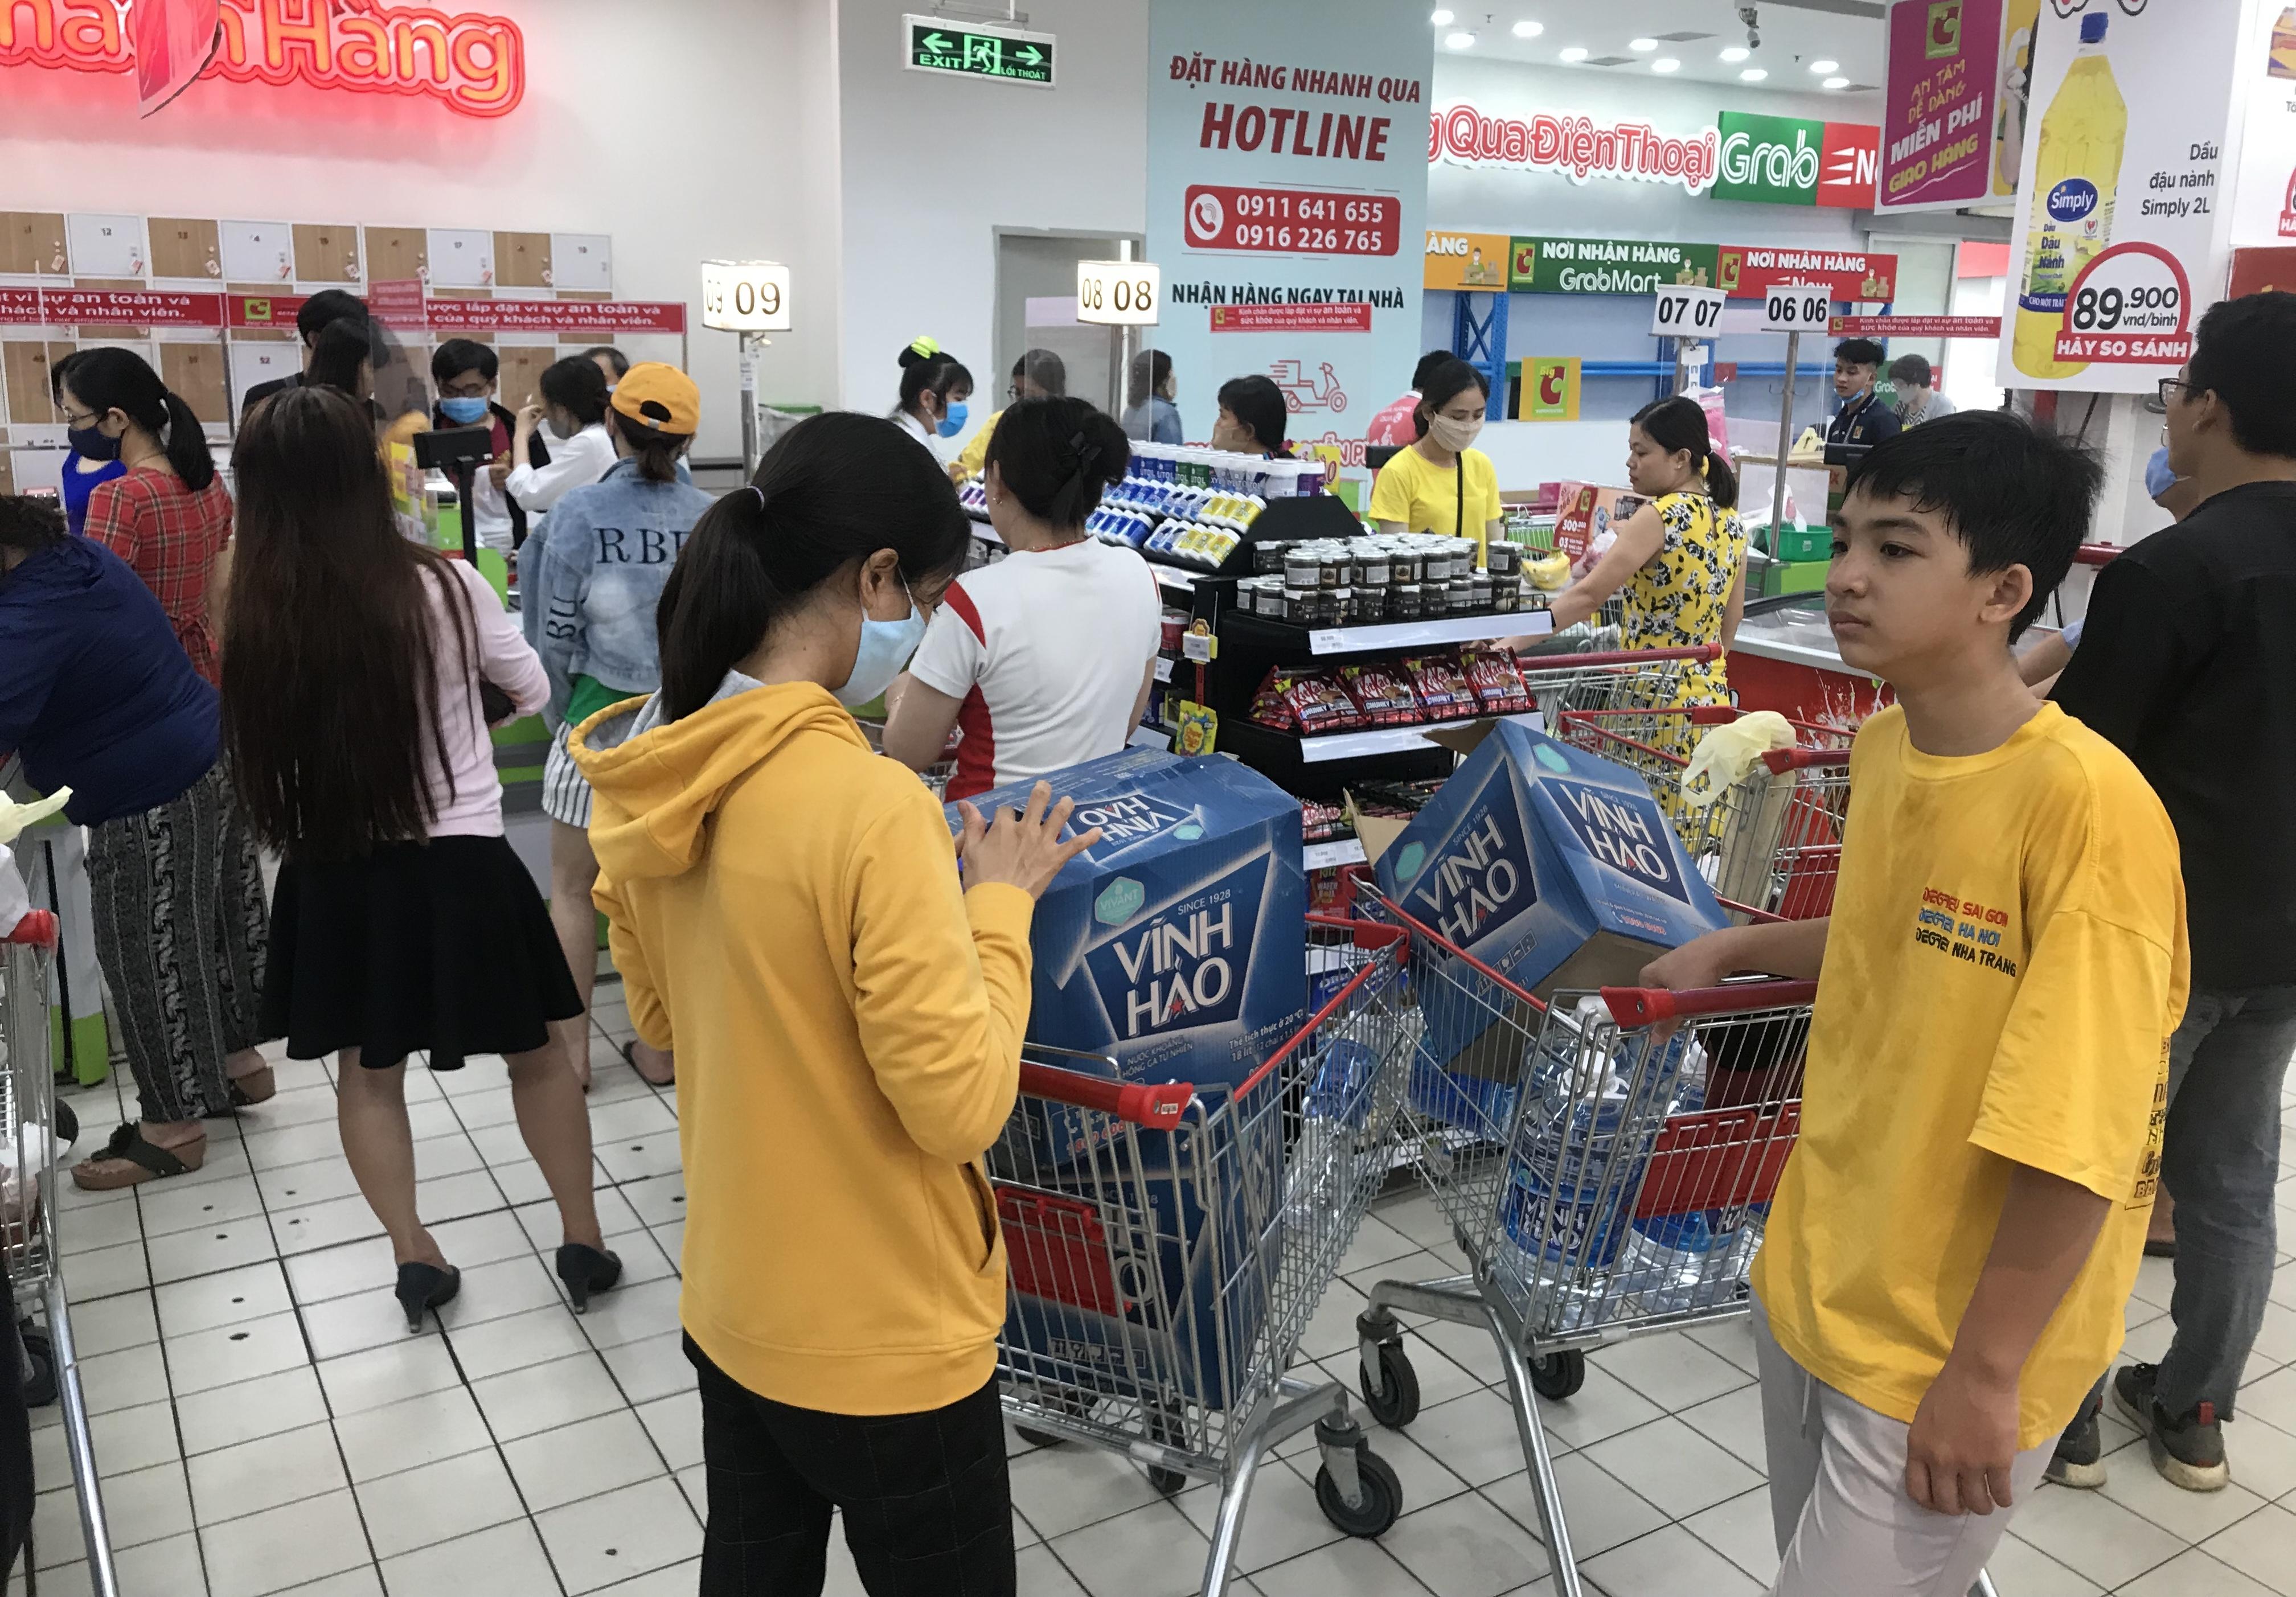 Sắp đóng cửa, Big C miền Đông ồ ạt khuyến mãi, người tiêu dùng lạc trong mê cung hàng giá sốc - Ảnh 2.